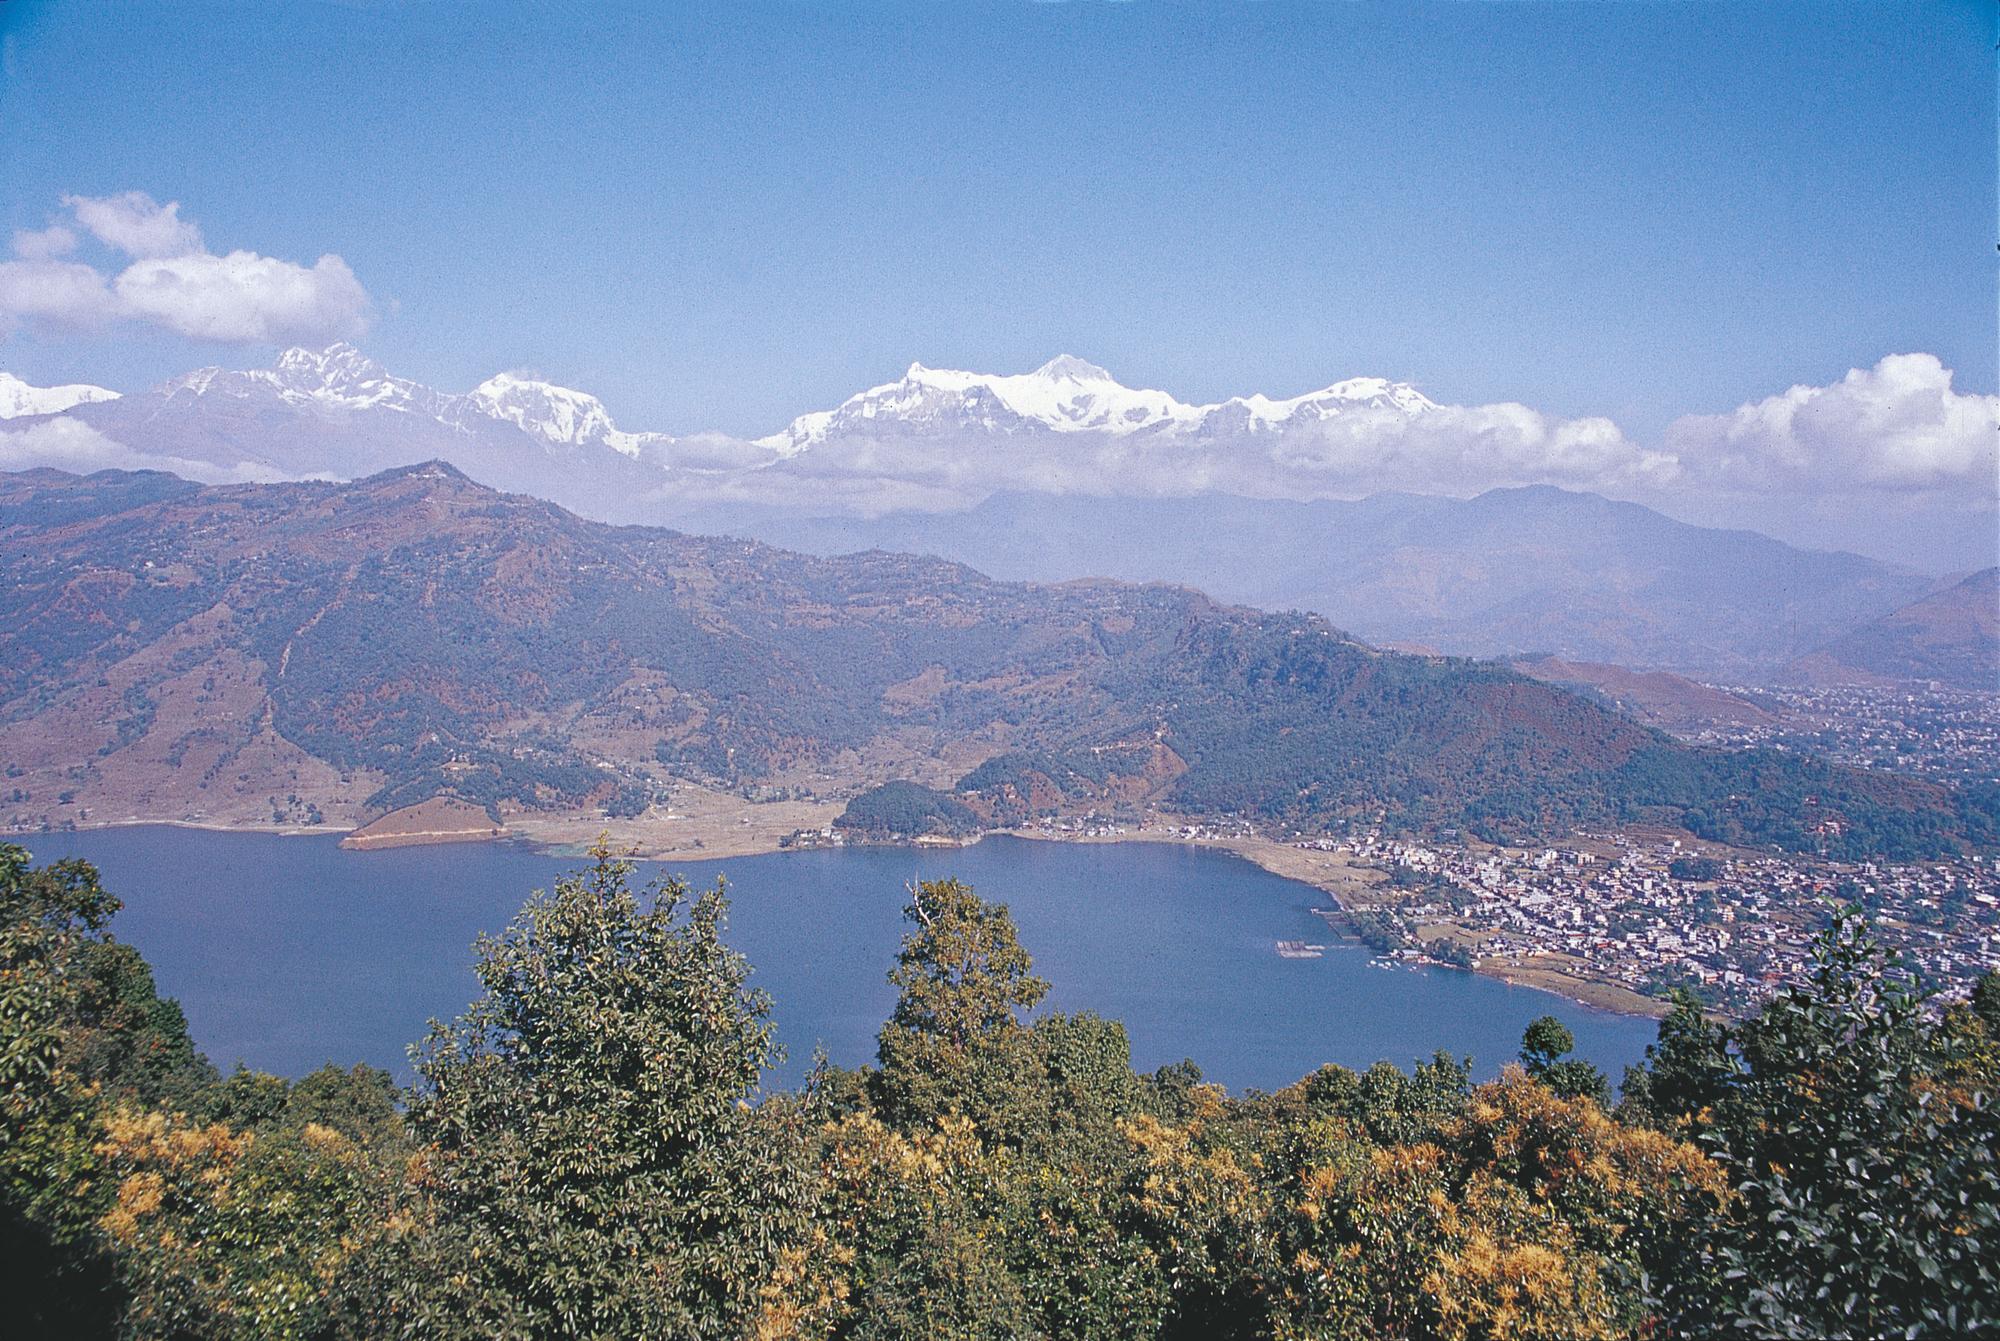 Blick auf den Himalaya hinter dem Phewa-See bei Pokkhara